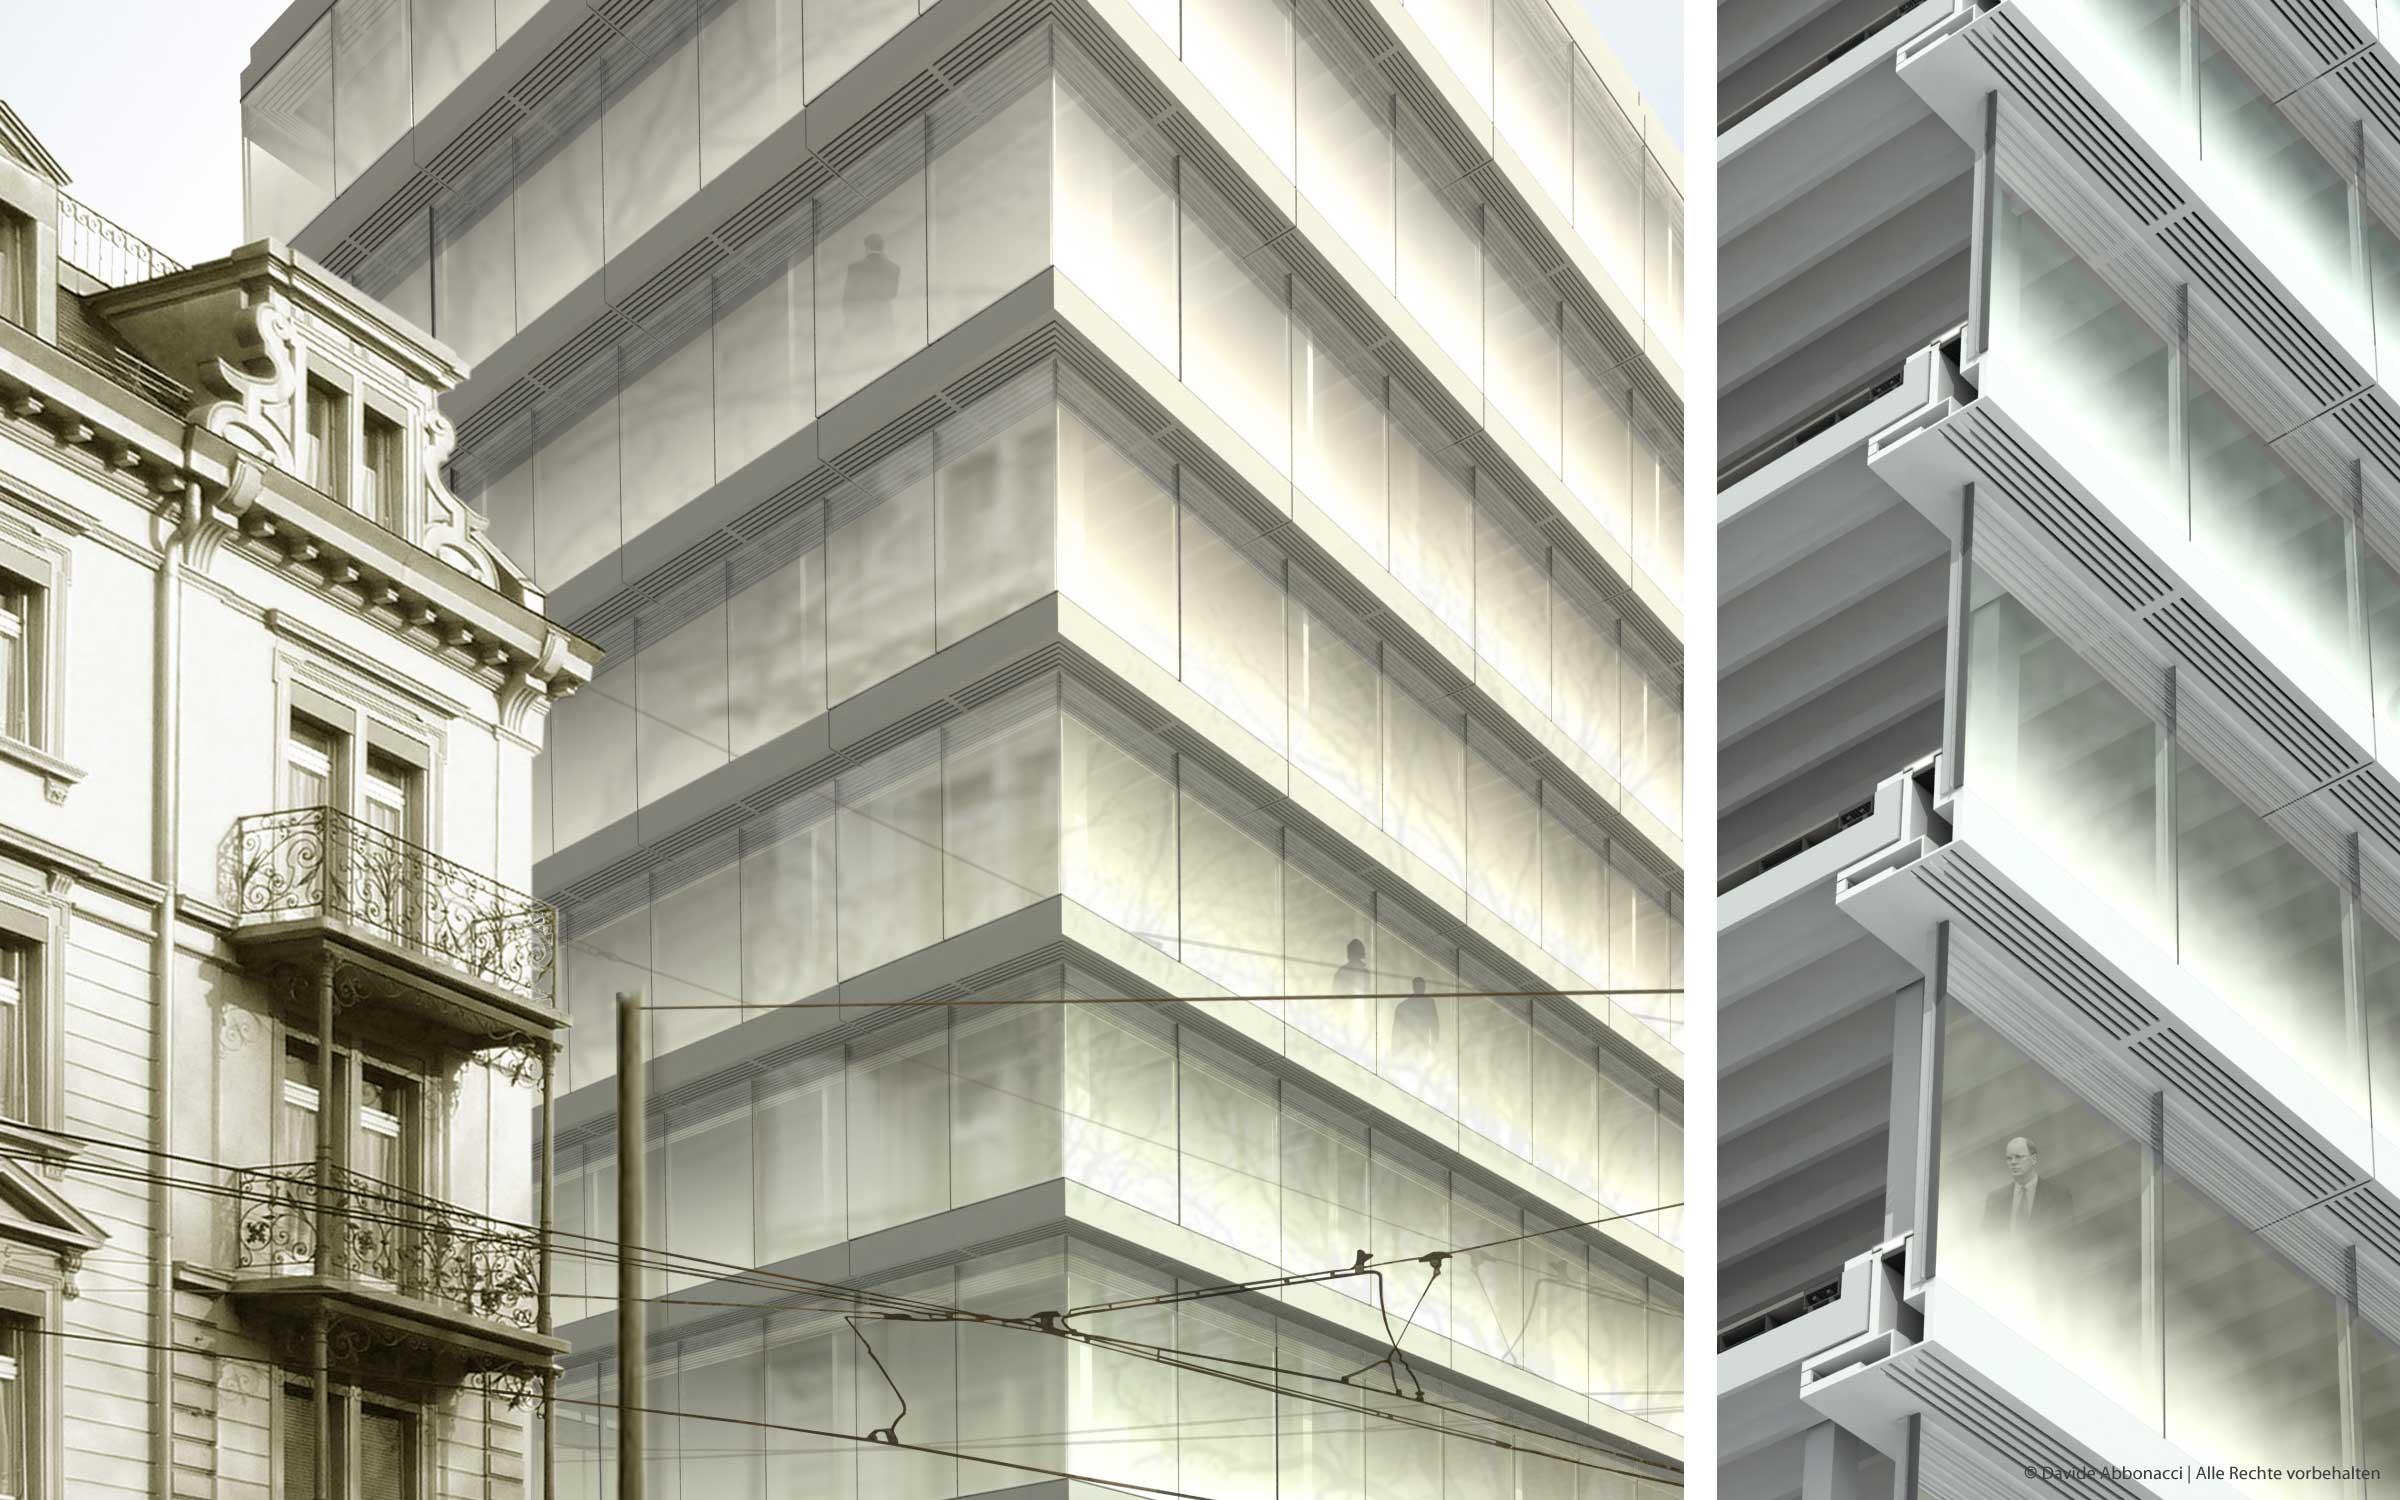 ETH, Zürich   Heide - Von Beckerath - Alberts Architekten   2007 Wettbewerbsvisualisierung